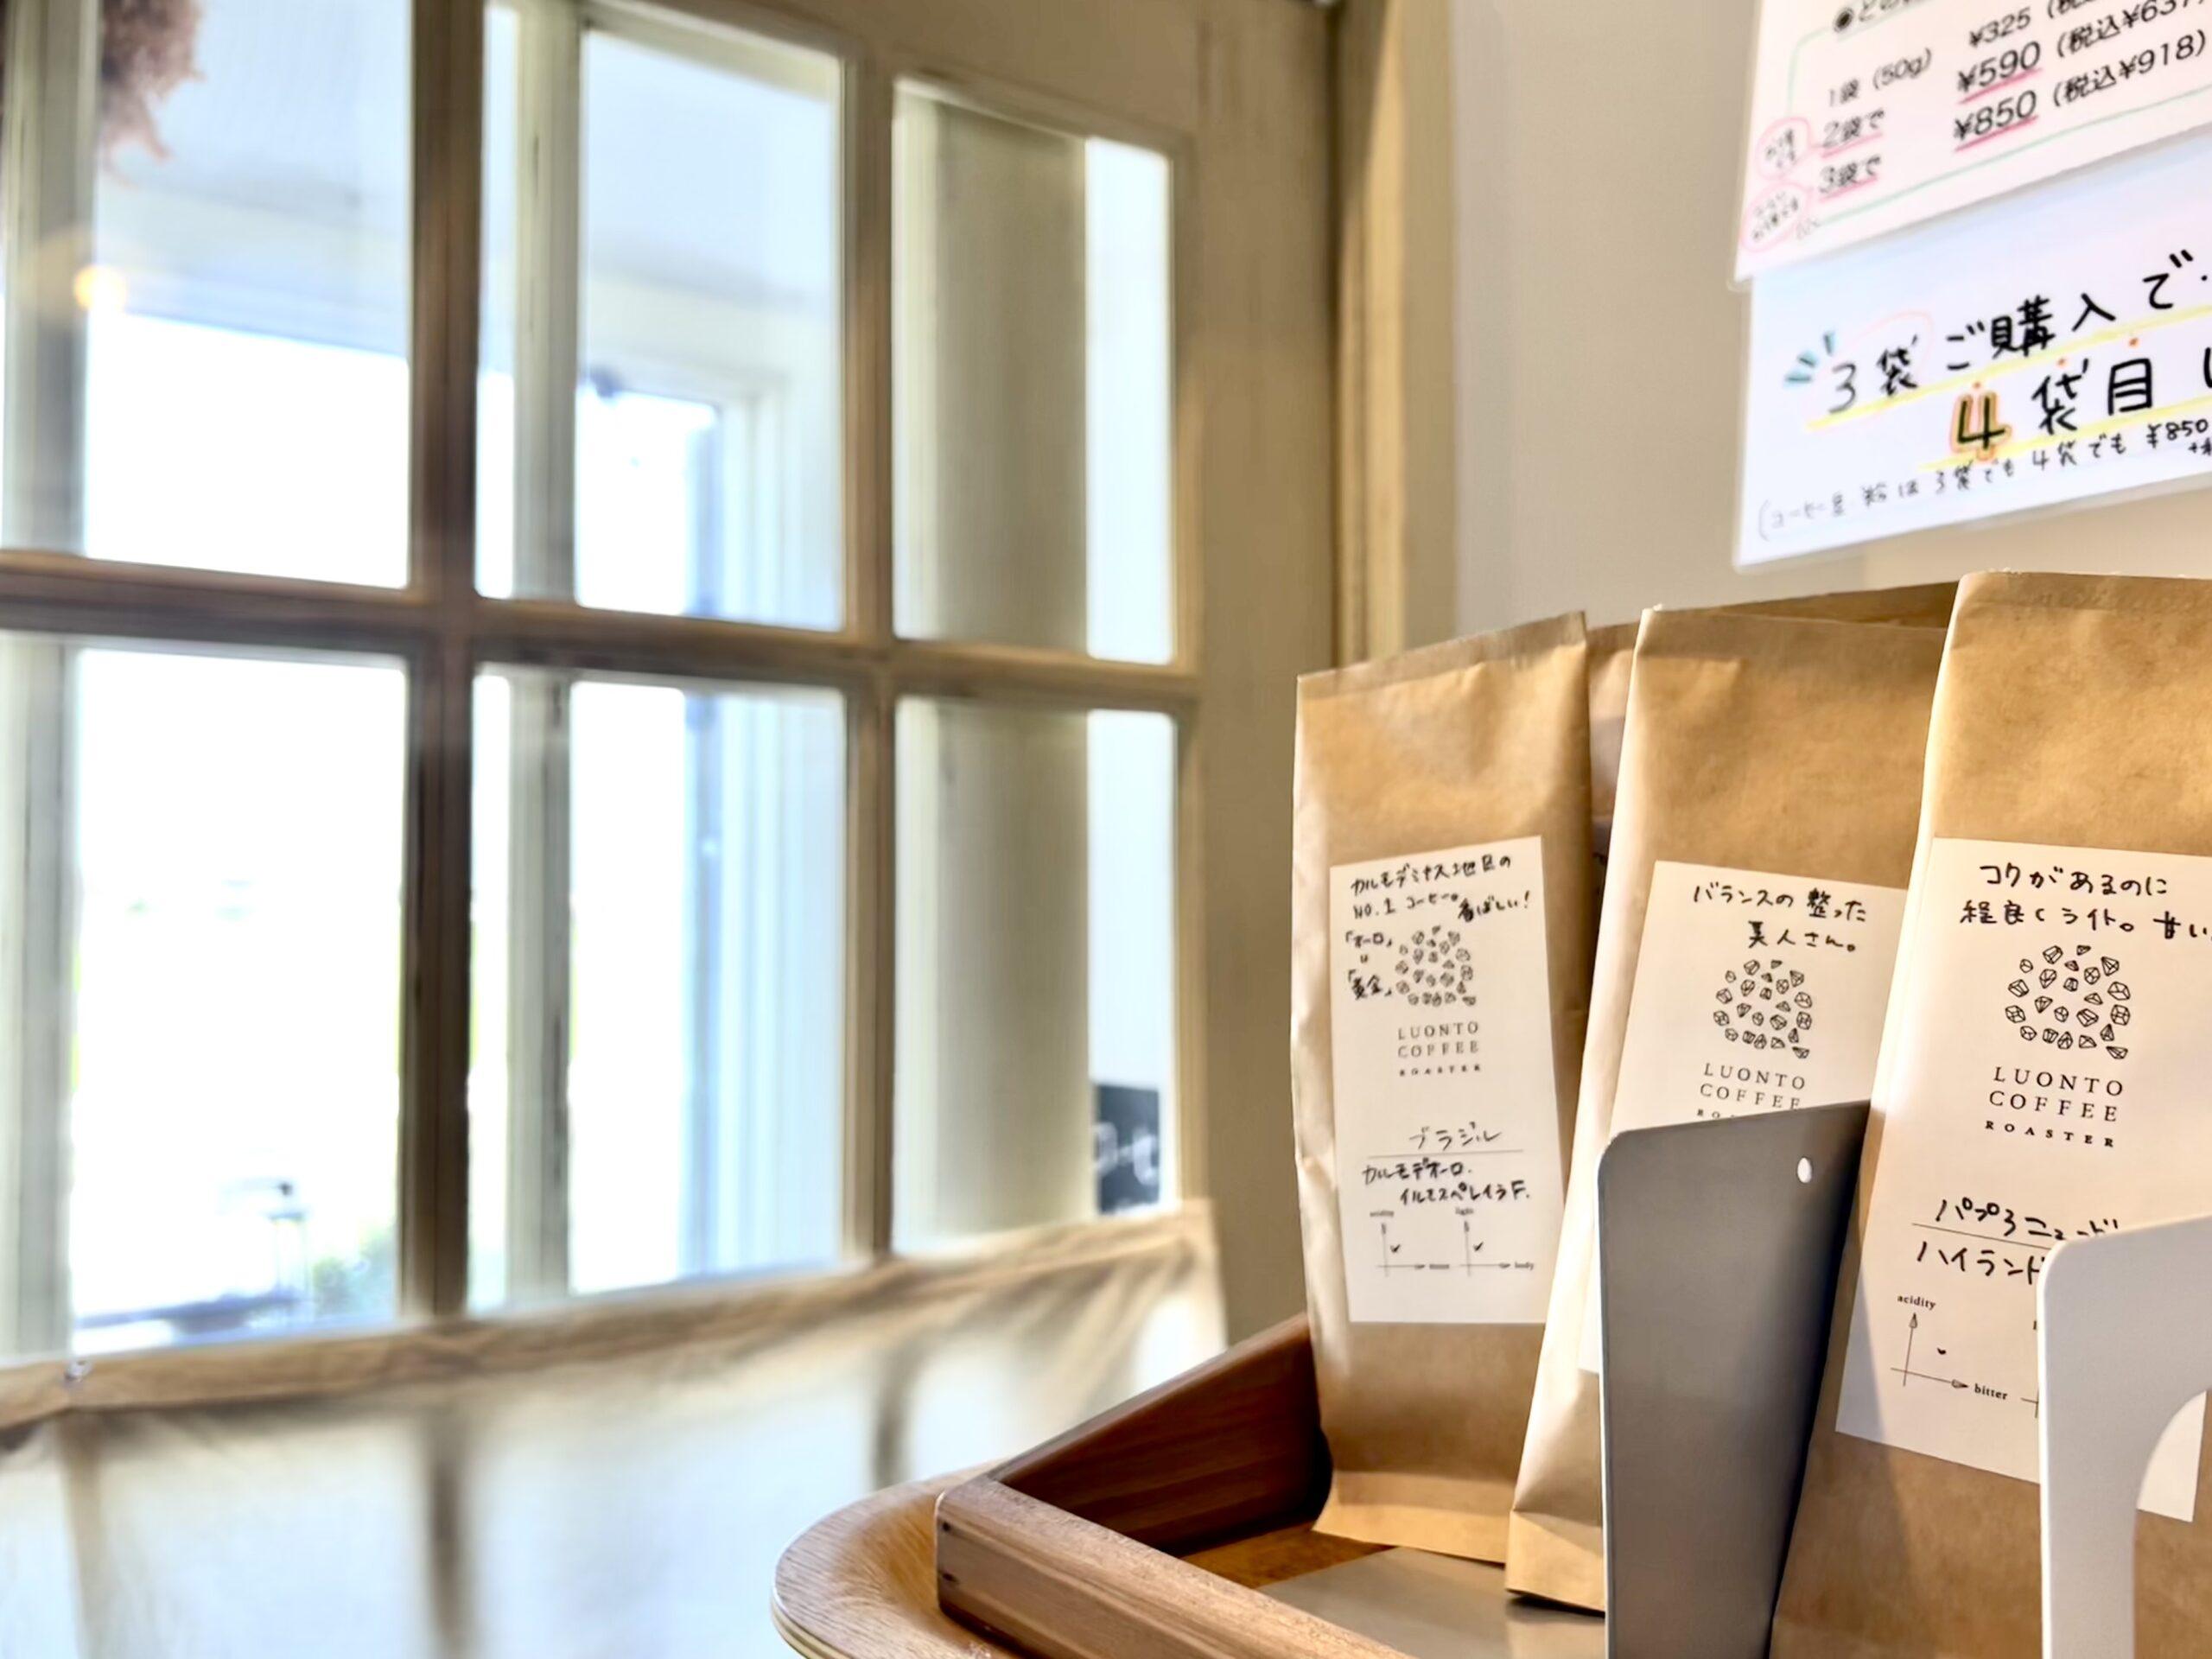 本日【コーヒーの日・特別セール】最終日です!(@matupanさん)